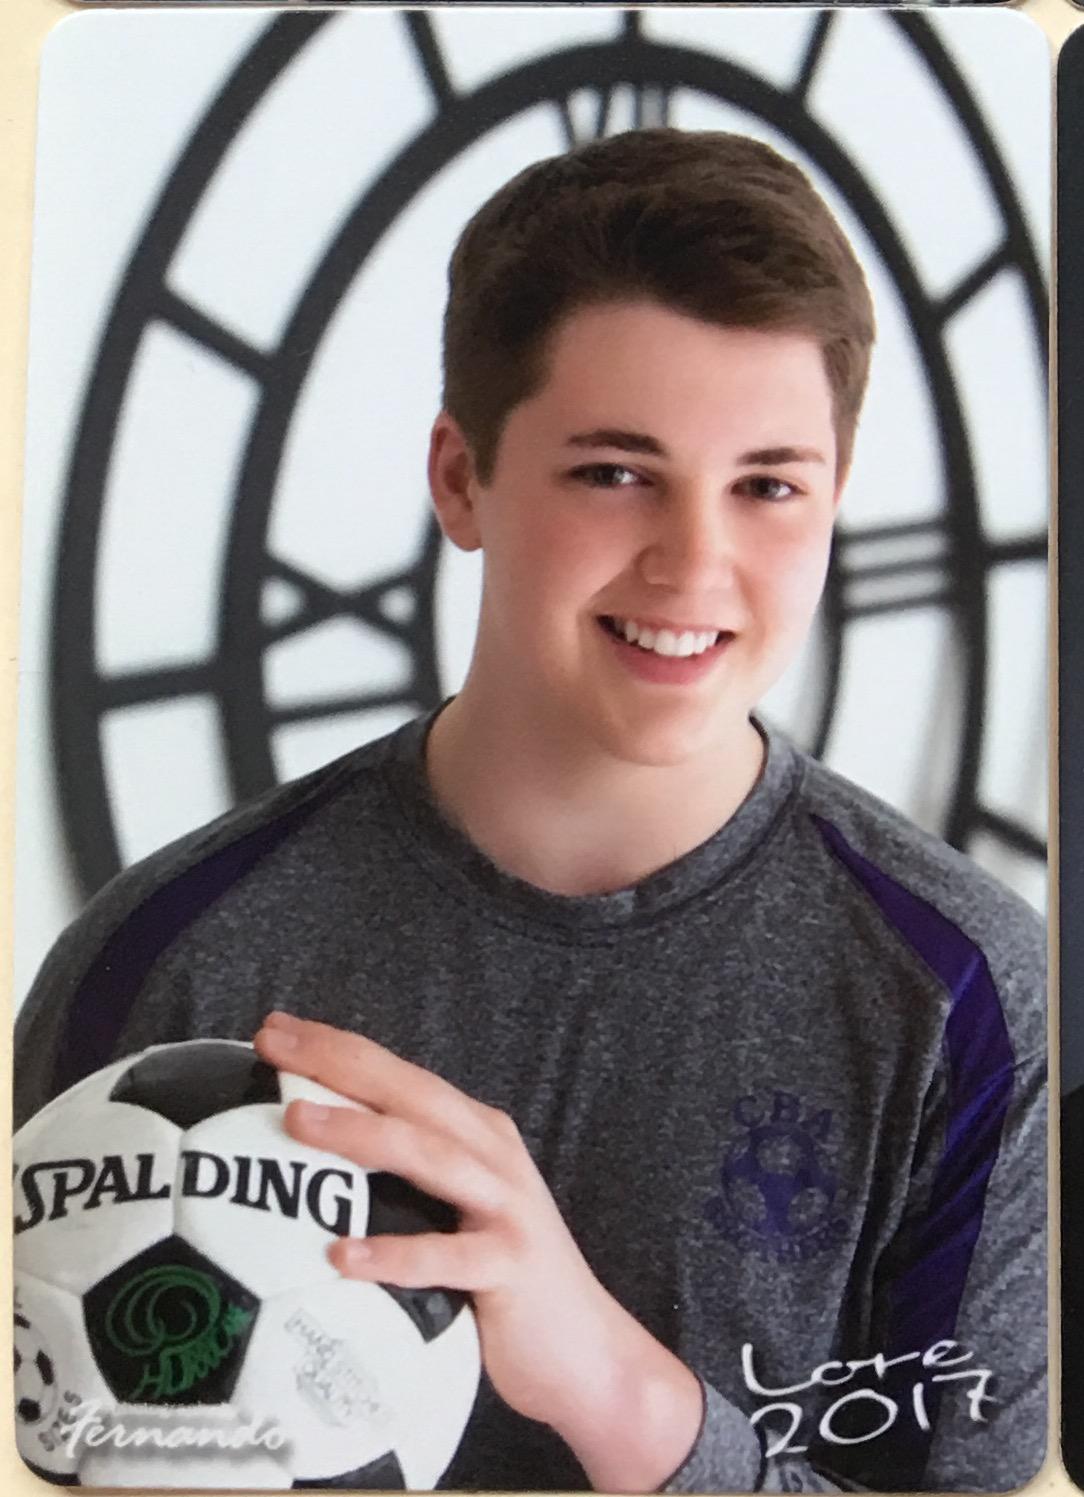 boy with soccer ball - syracuse, ny